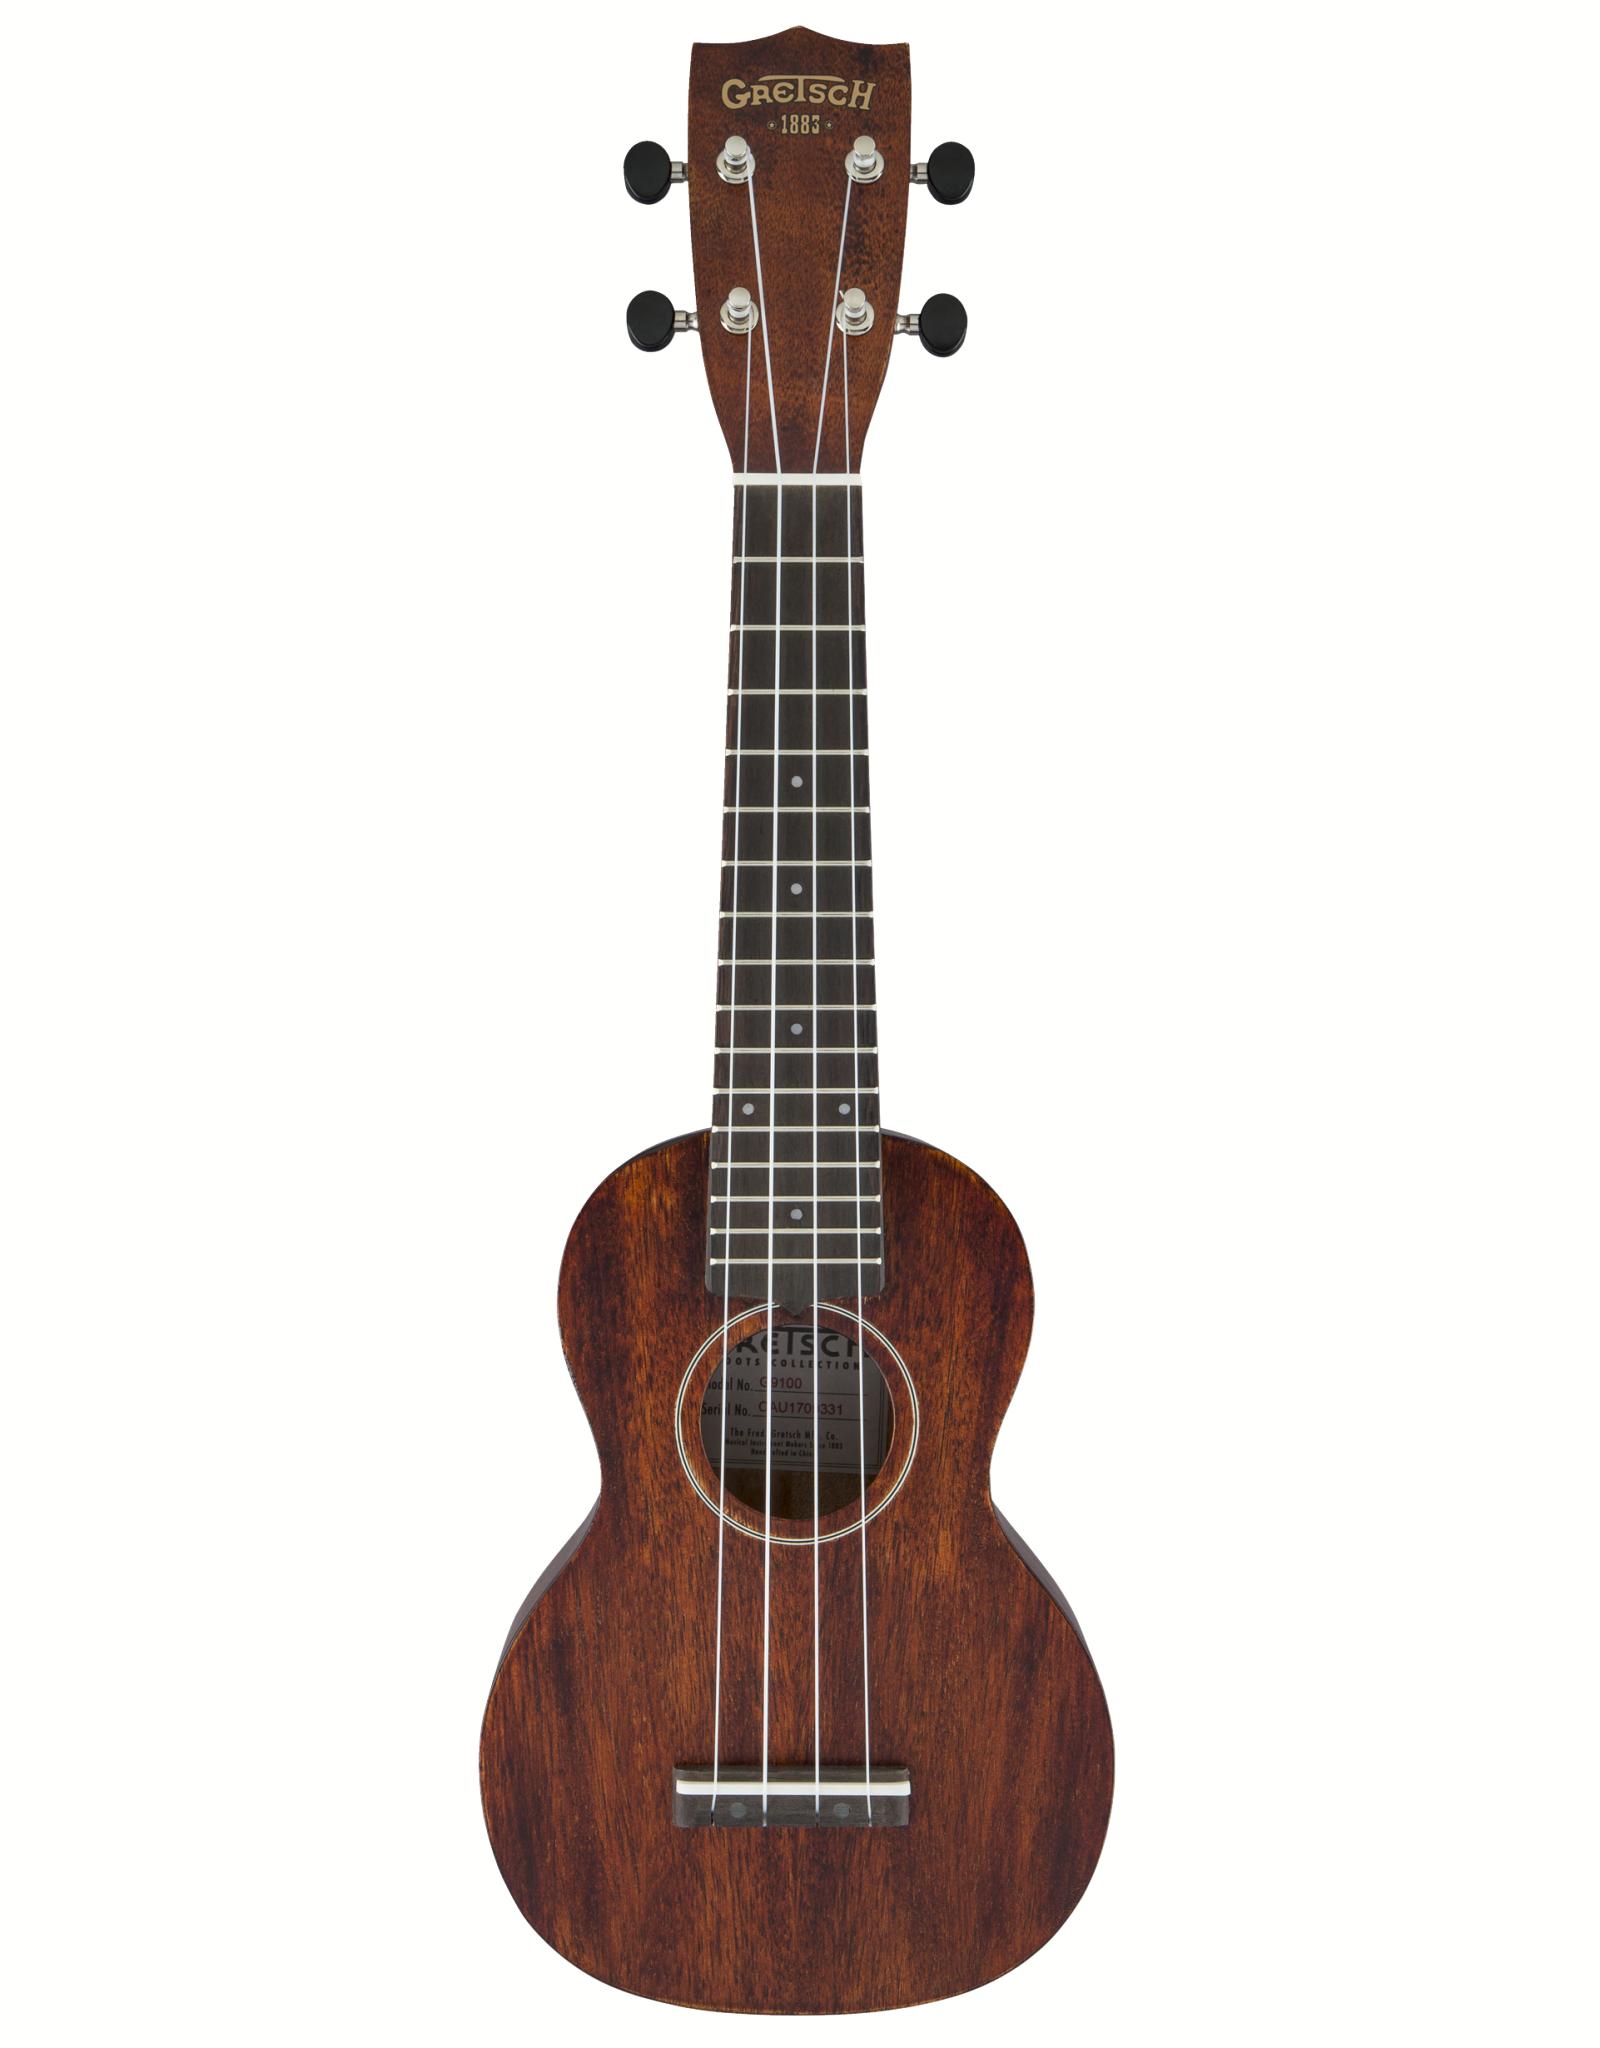 Gretsch Gretsch G9100 Soprano Standard Ukulele w/Gig Bag, Ovangkol Fb, Vintage Mahogany Stain